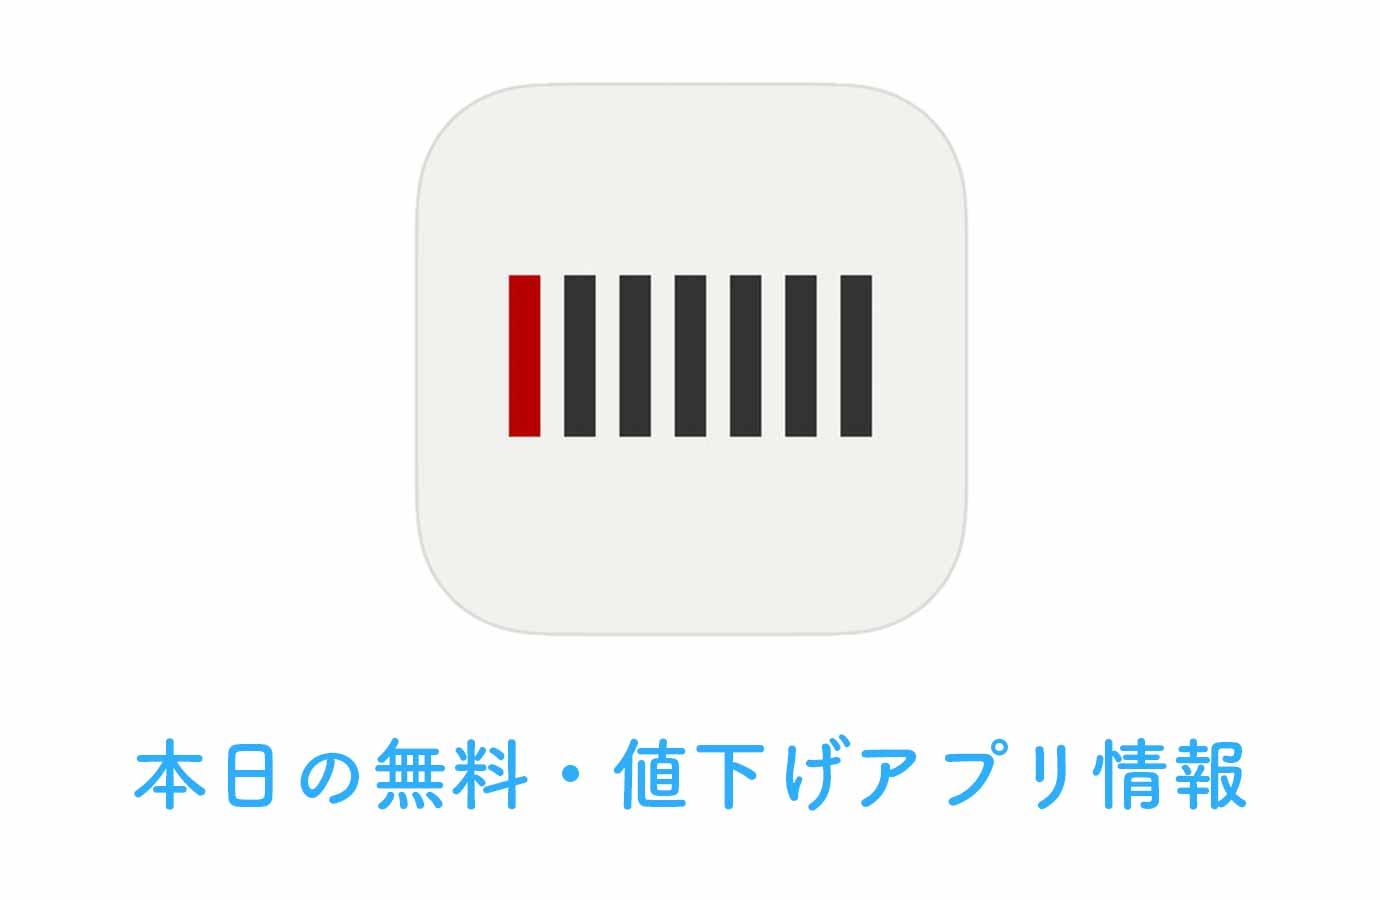 120円→無料、一日1行でもOKなシンプルな日記アプリ「デイグラム」など【5/9】本日の無料・値下げアプリ情報